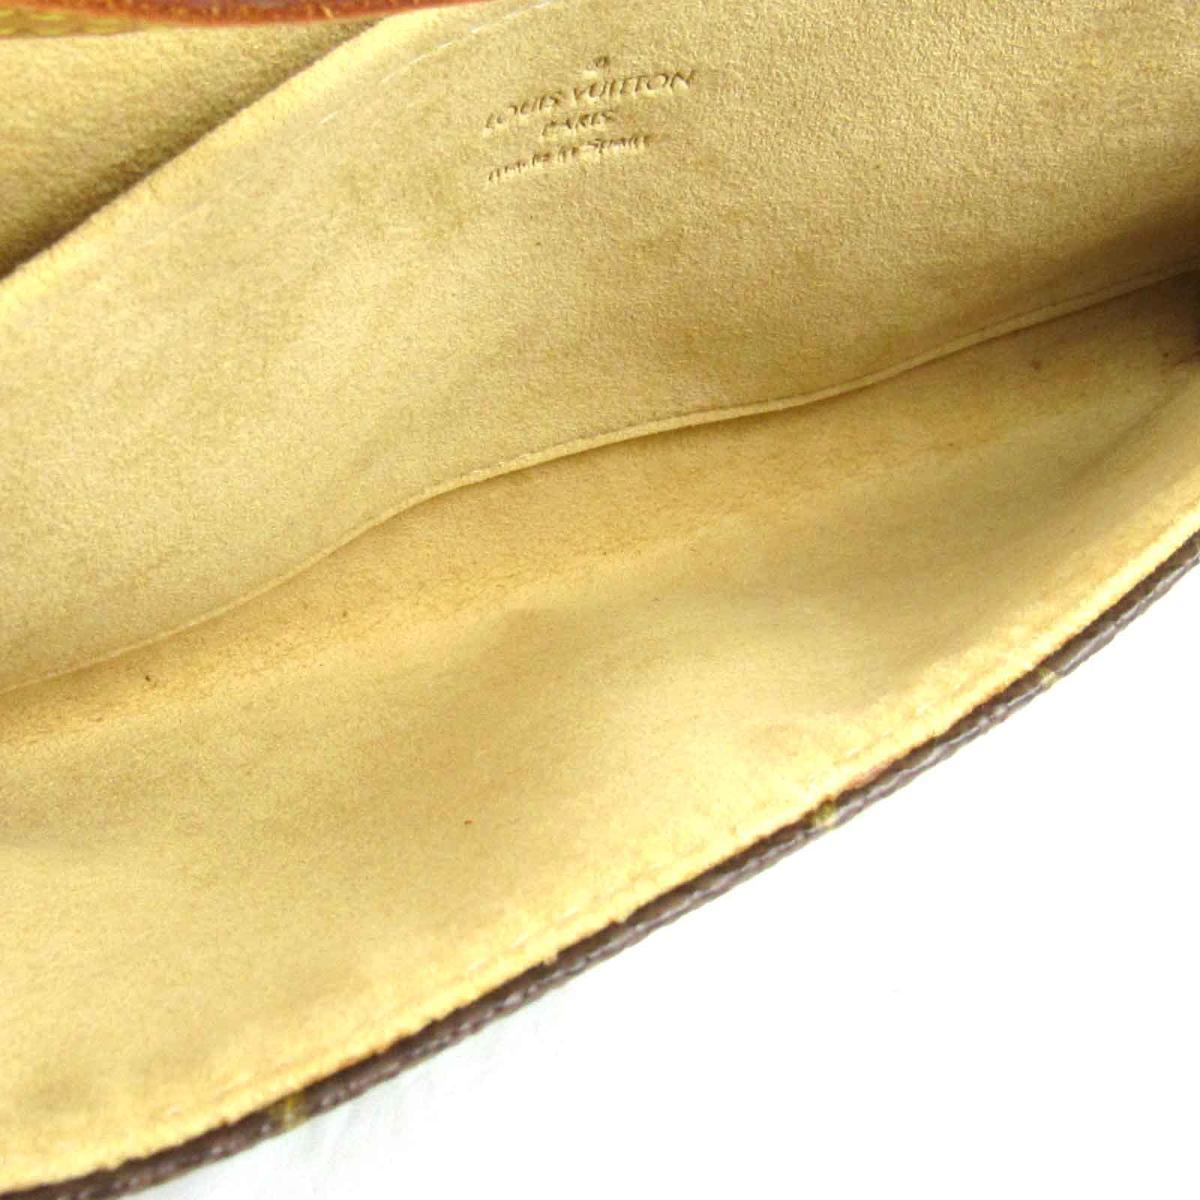 ルイヴィトン ポシェット・ツインGM ショルダーバッグ クラッチバッグ バッグ レディース モノグラムM51852LOUIS VUITTON ブランドオフ ヴィトン ビトン ルイ・ヴィトン ブランド ブランドバッグ バック ショルダーバッA5jL4R